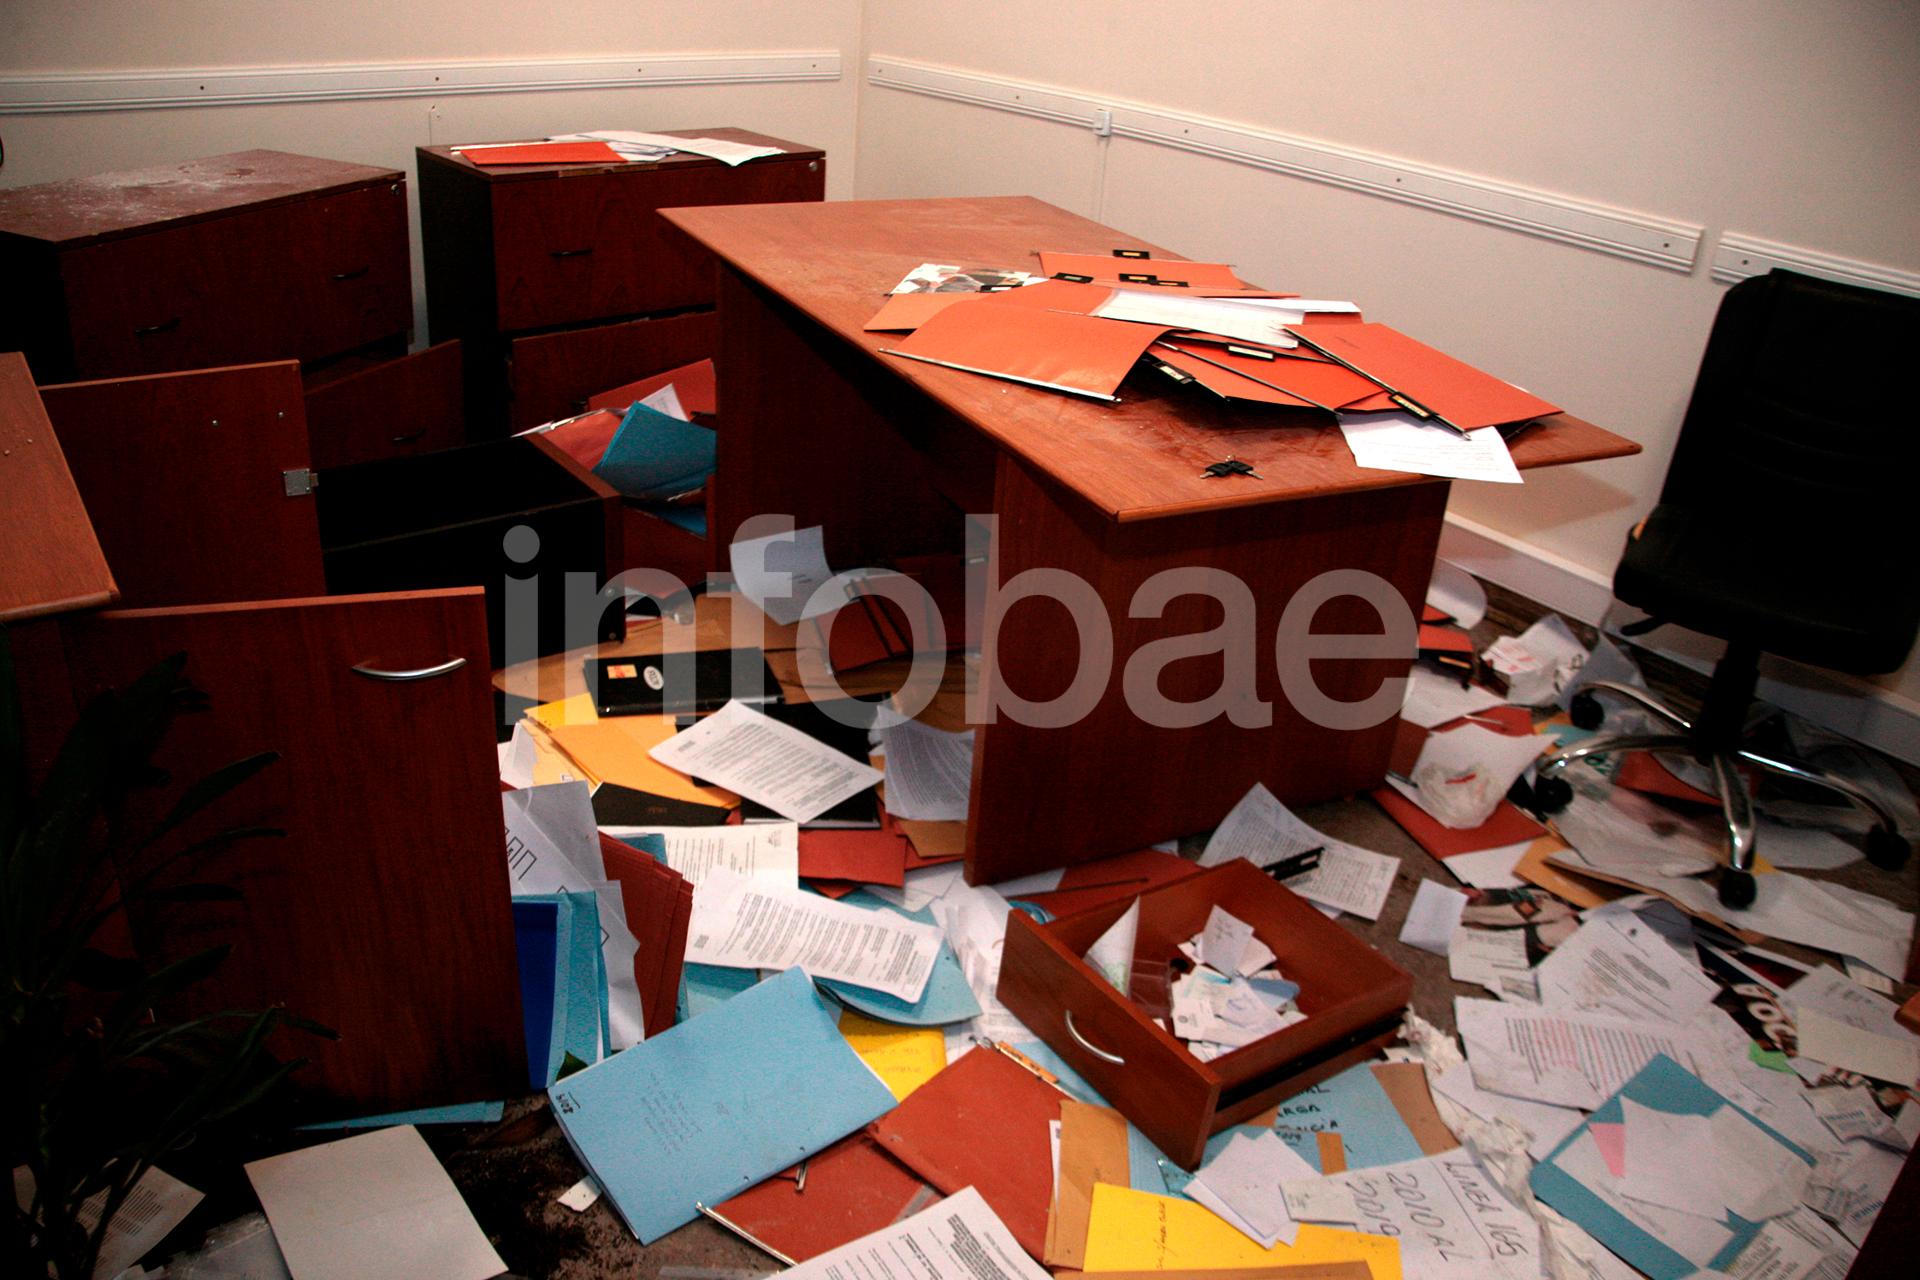 Una de las oficinas administrativas del gremio: los opositores a Fernández tomaron por asalto el edificio y provocaron serios destrozos en el mobiliario.